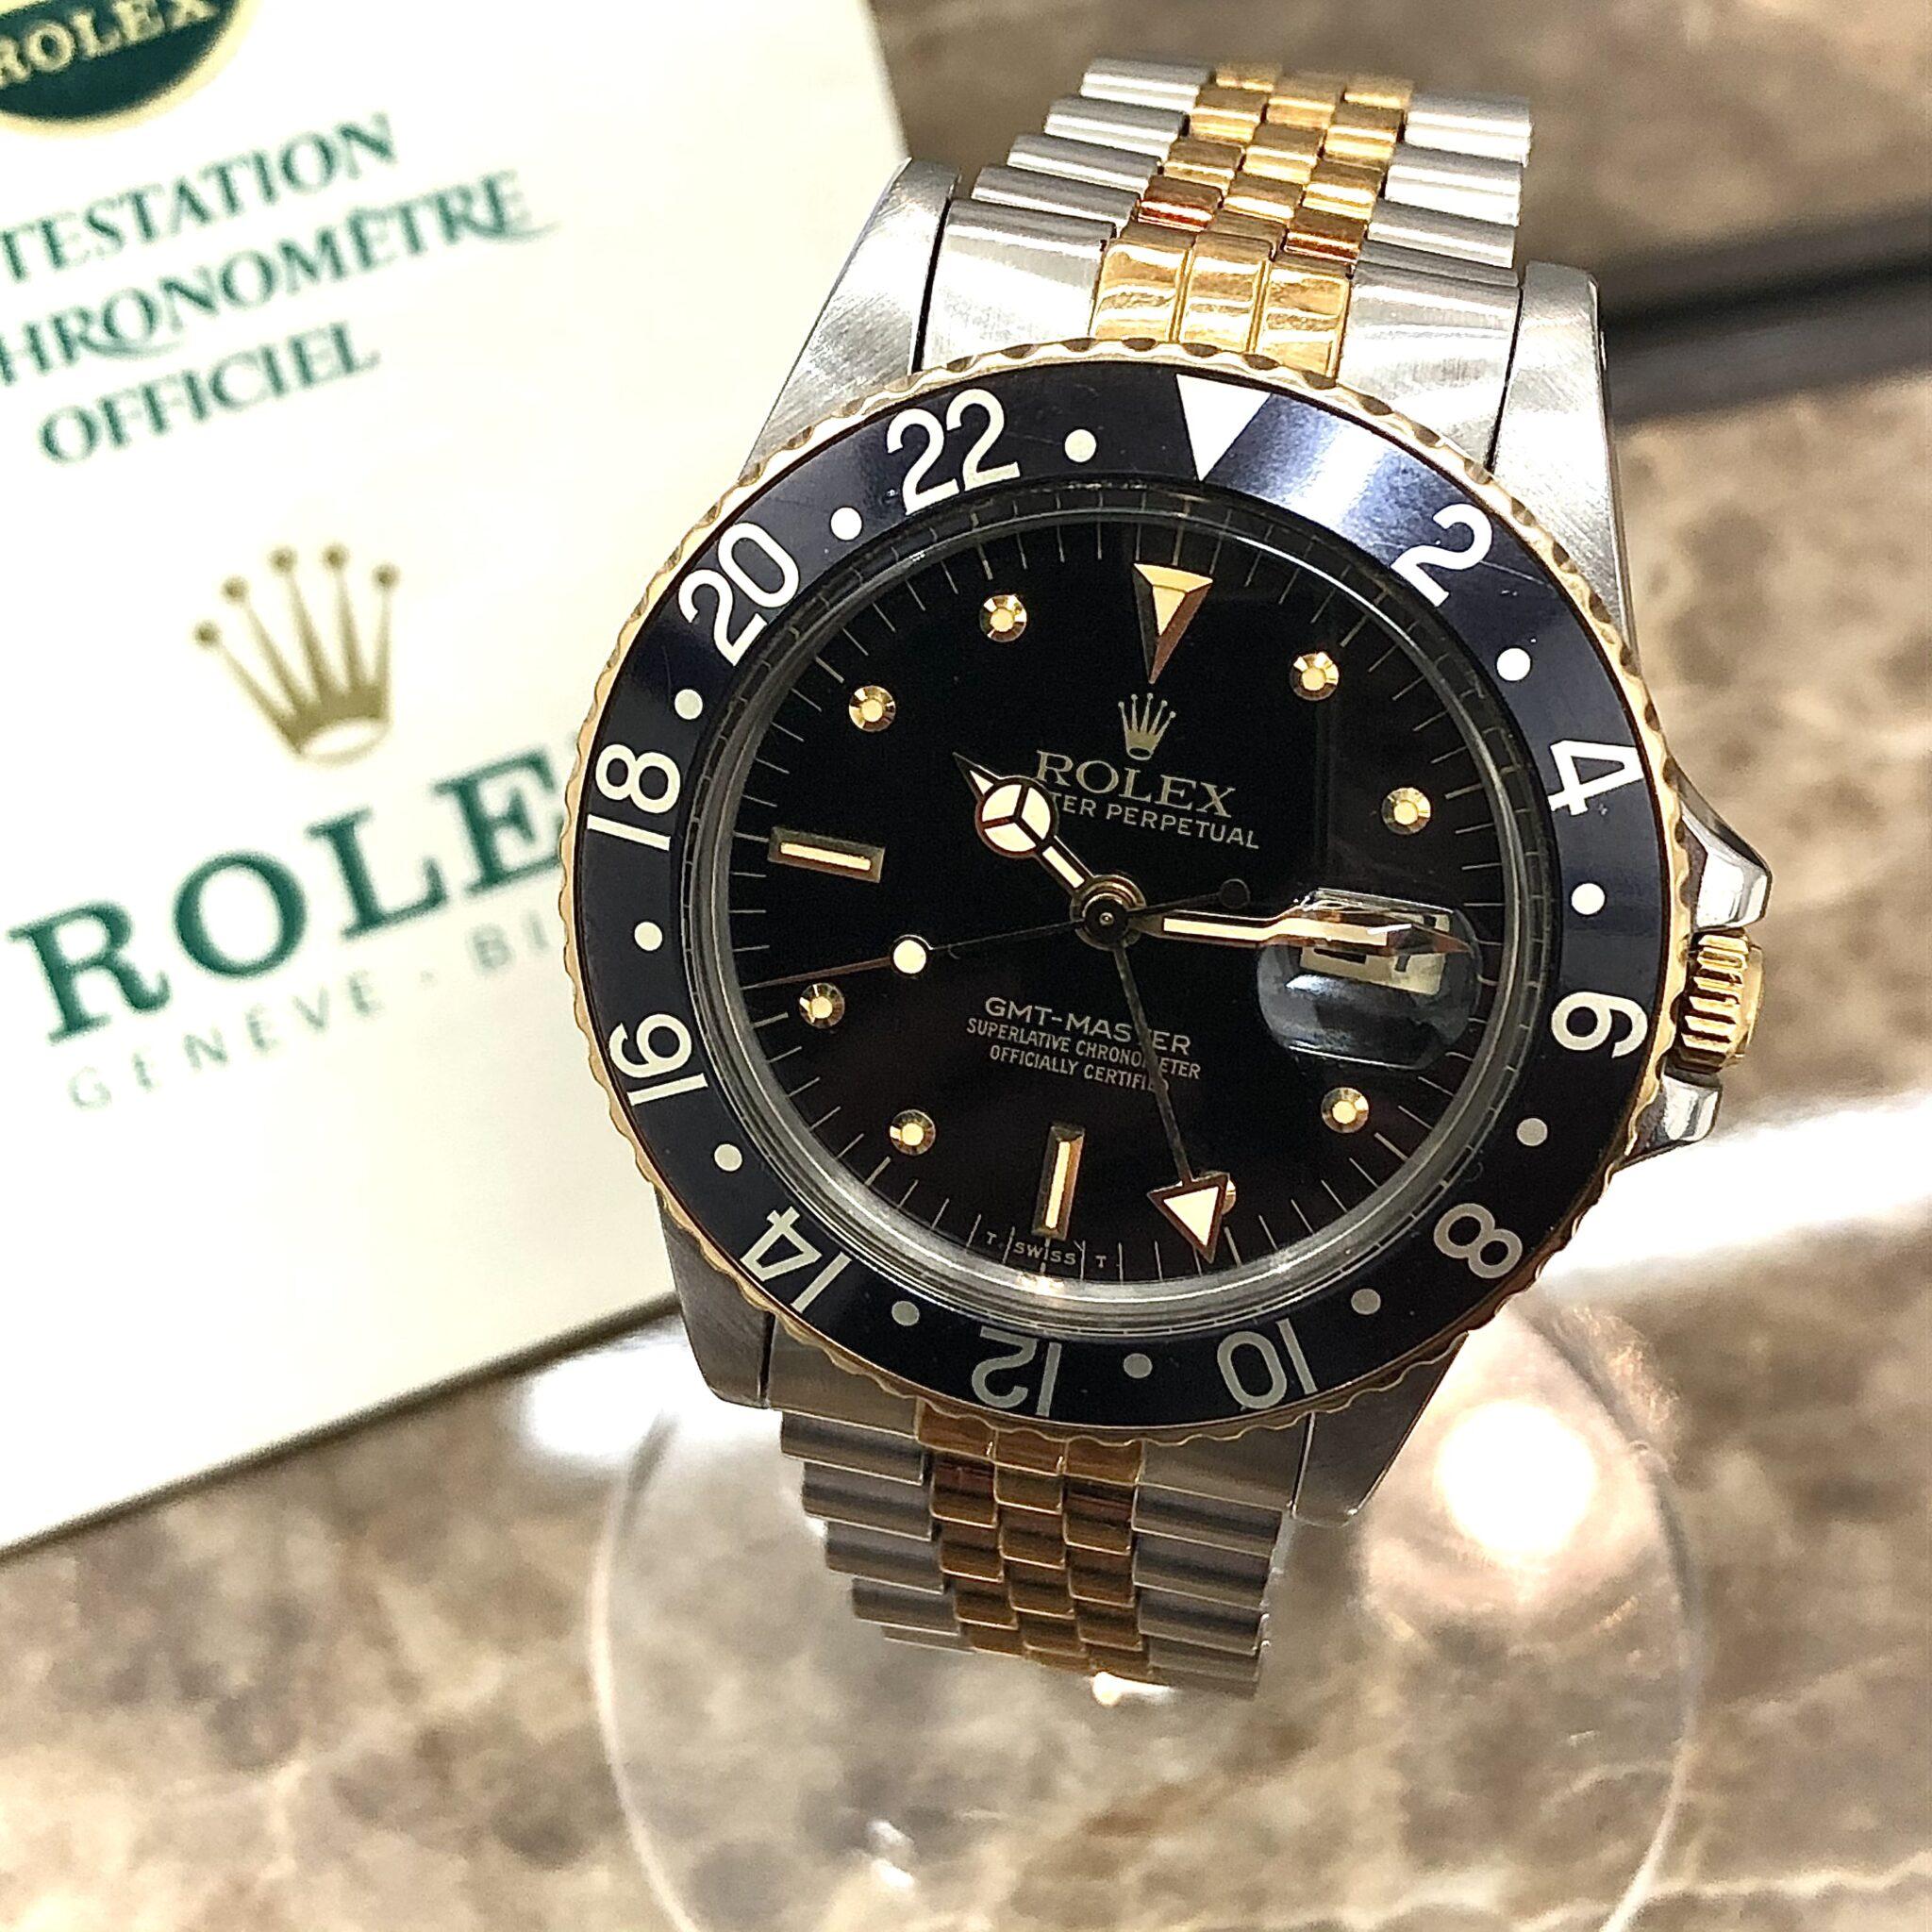 【ロレックス 買取 盛岡】ロレックス GMTマスター 16753をお買取りさせていただきました!